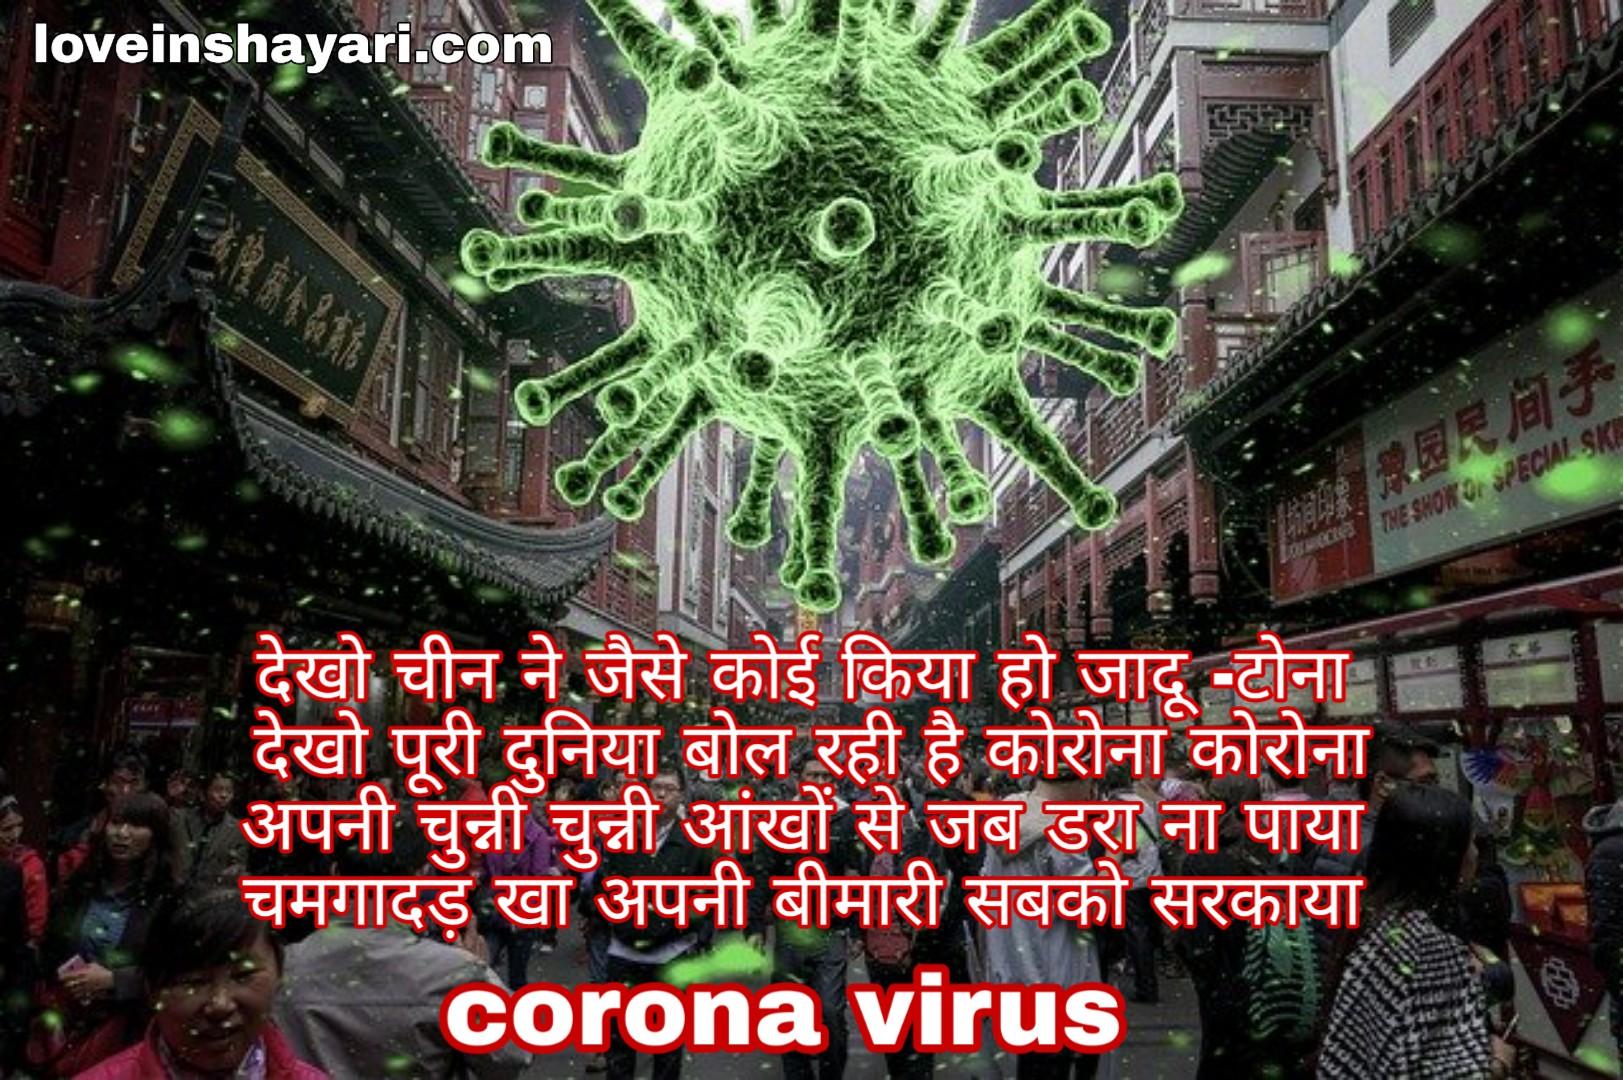 Corona virus shayari sad shayari